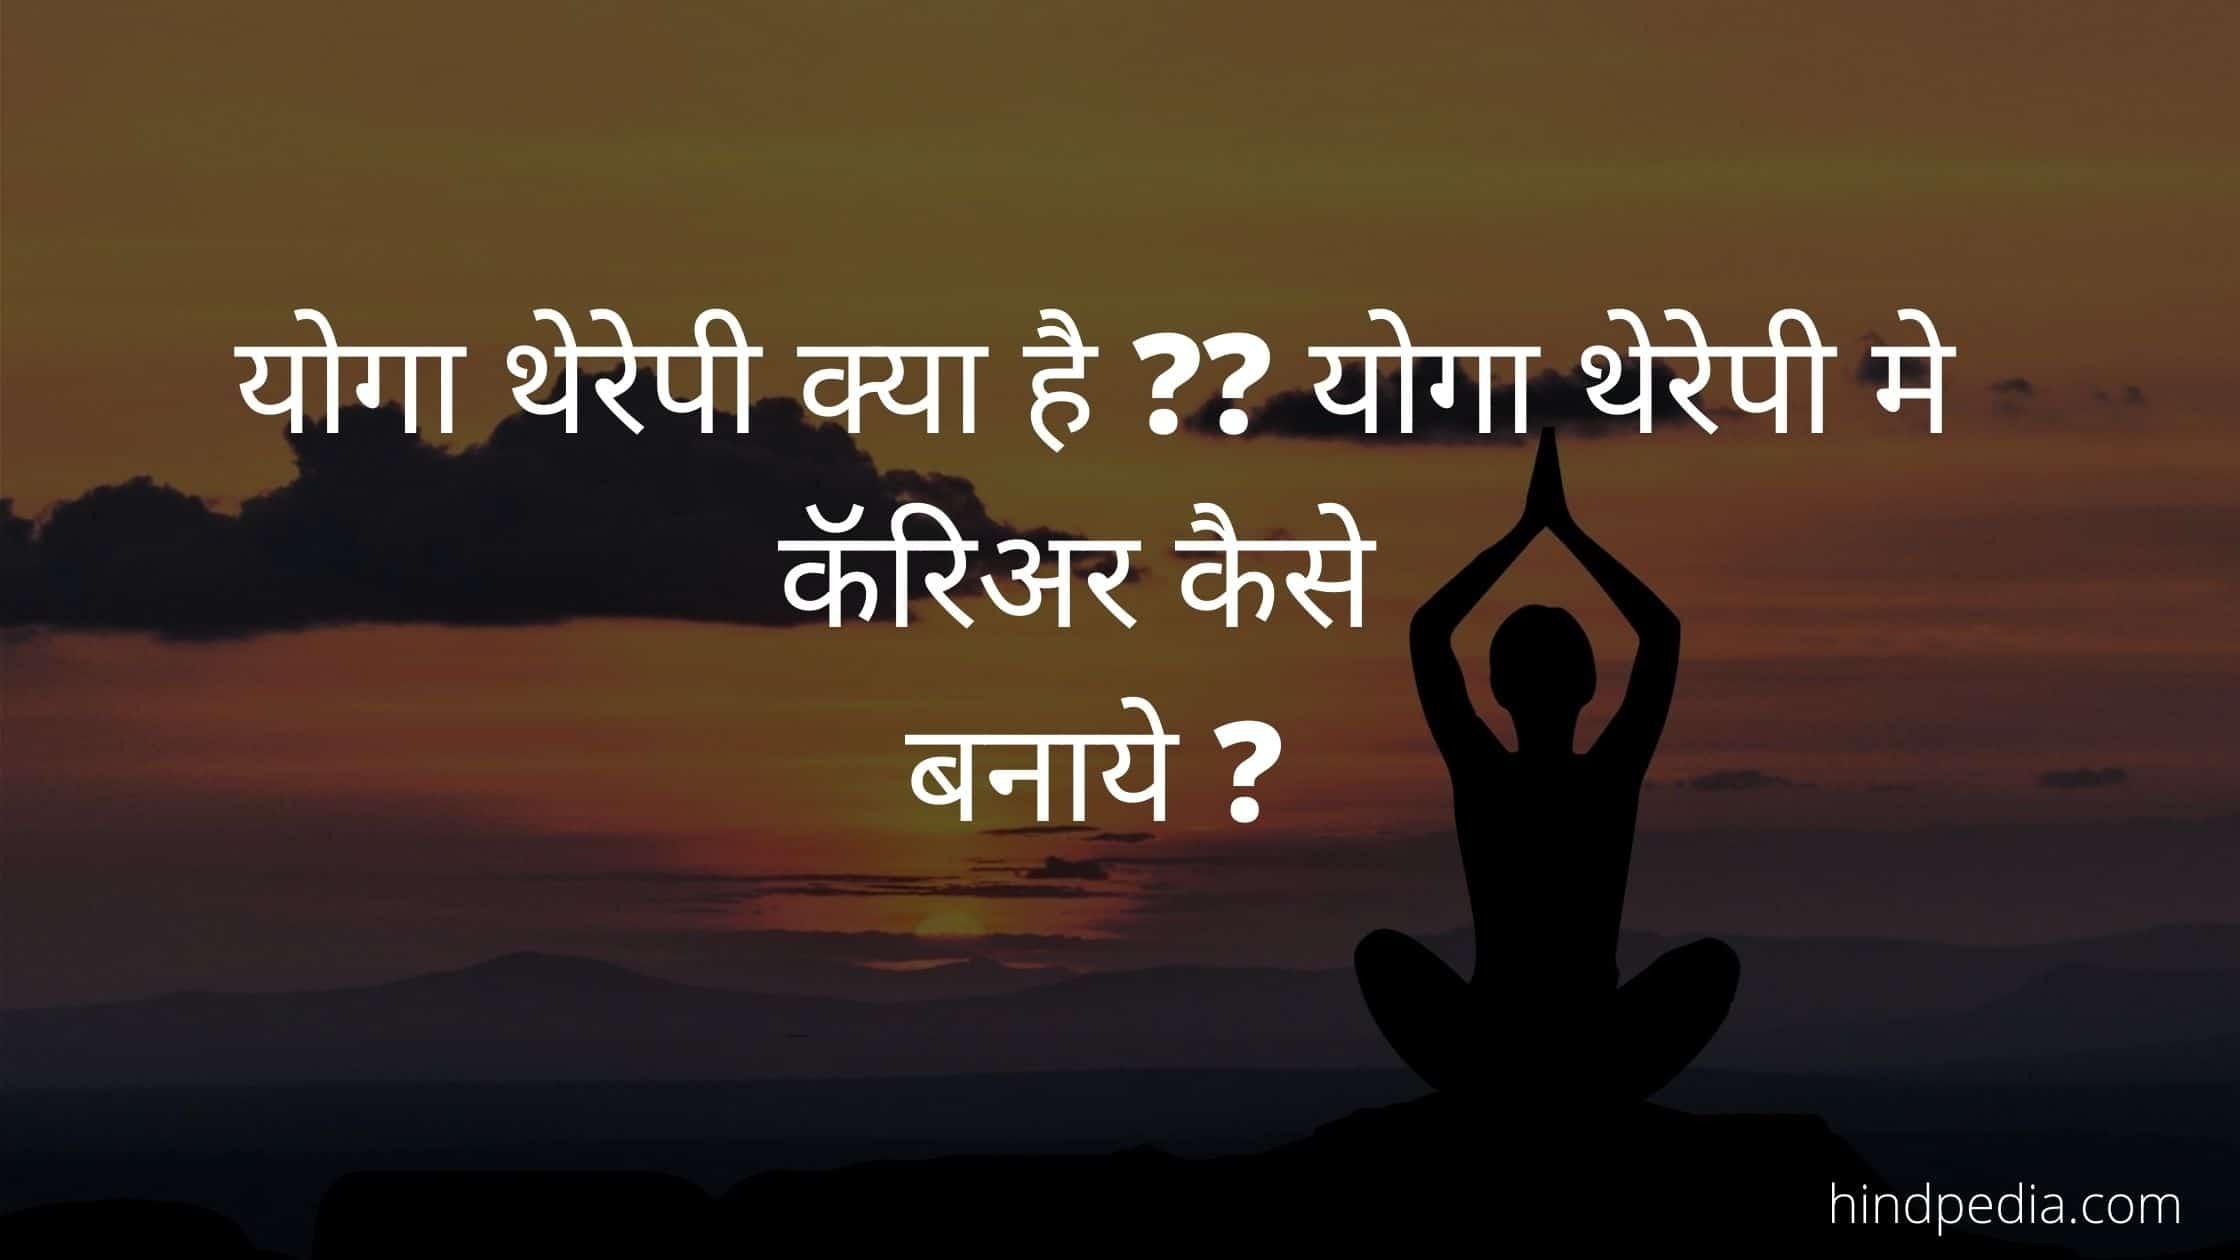 Yoga Therapy Kya Hai ?? Yoga Therapy Me Career Kaise Banaye?